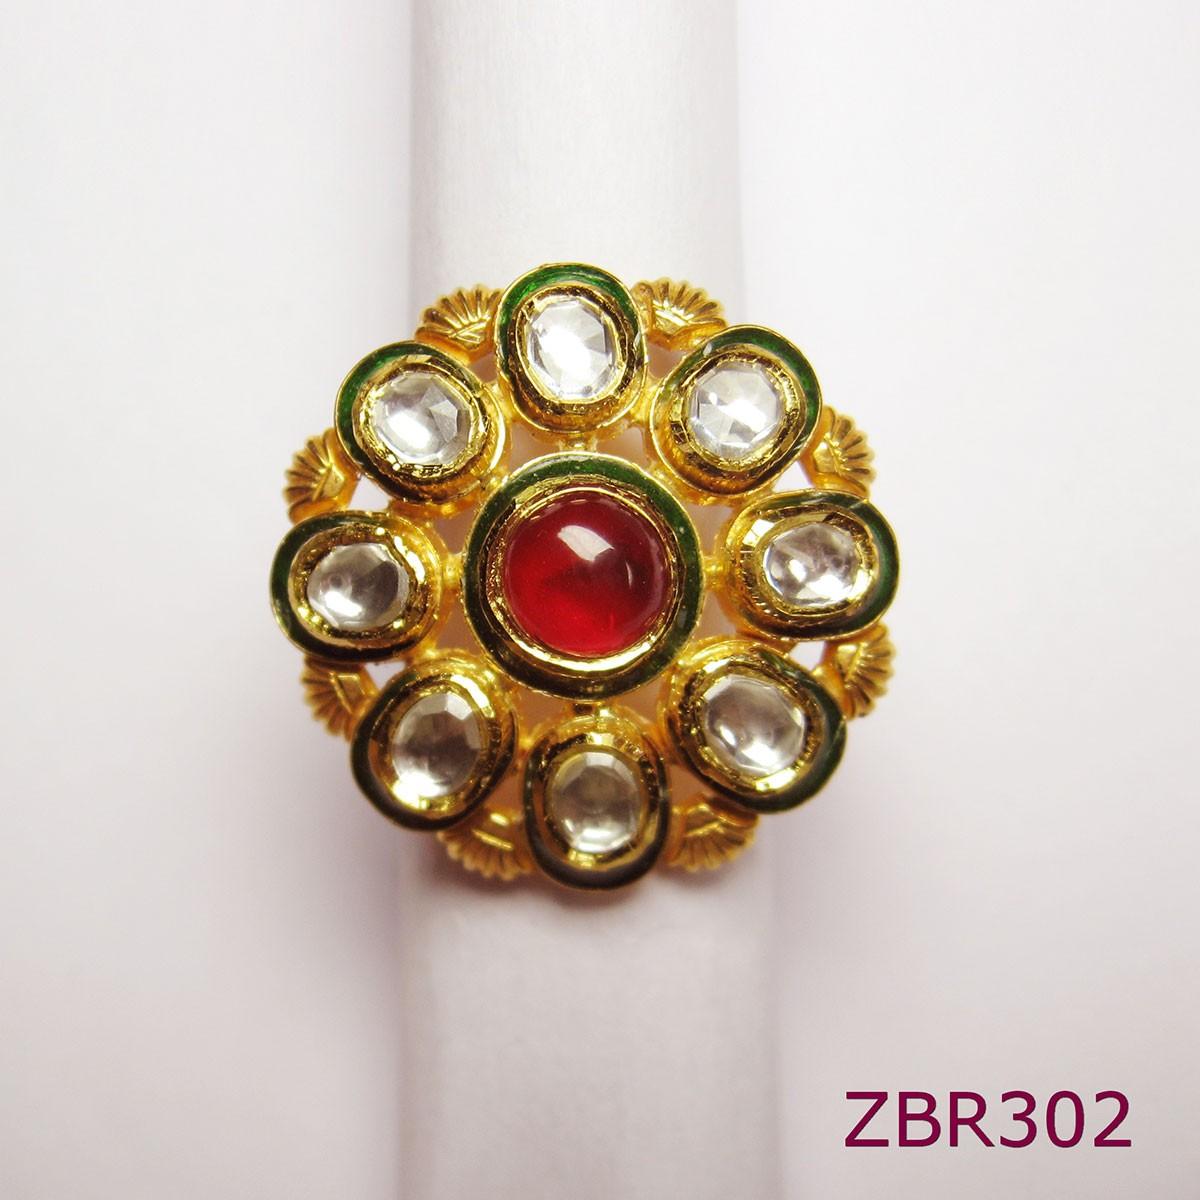 ZBR302